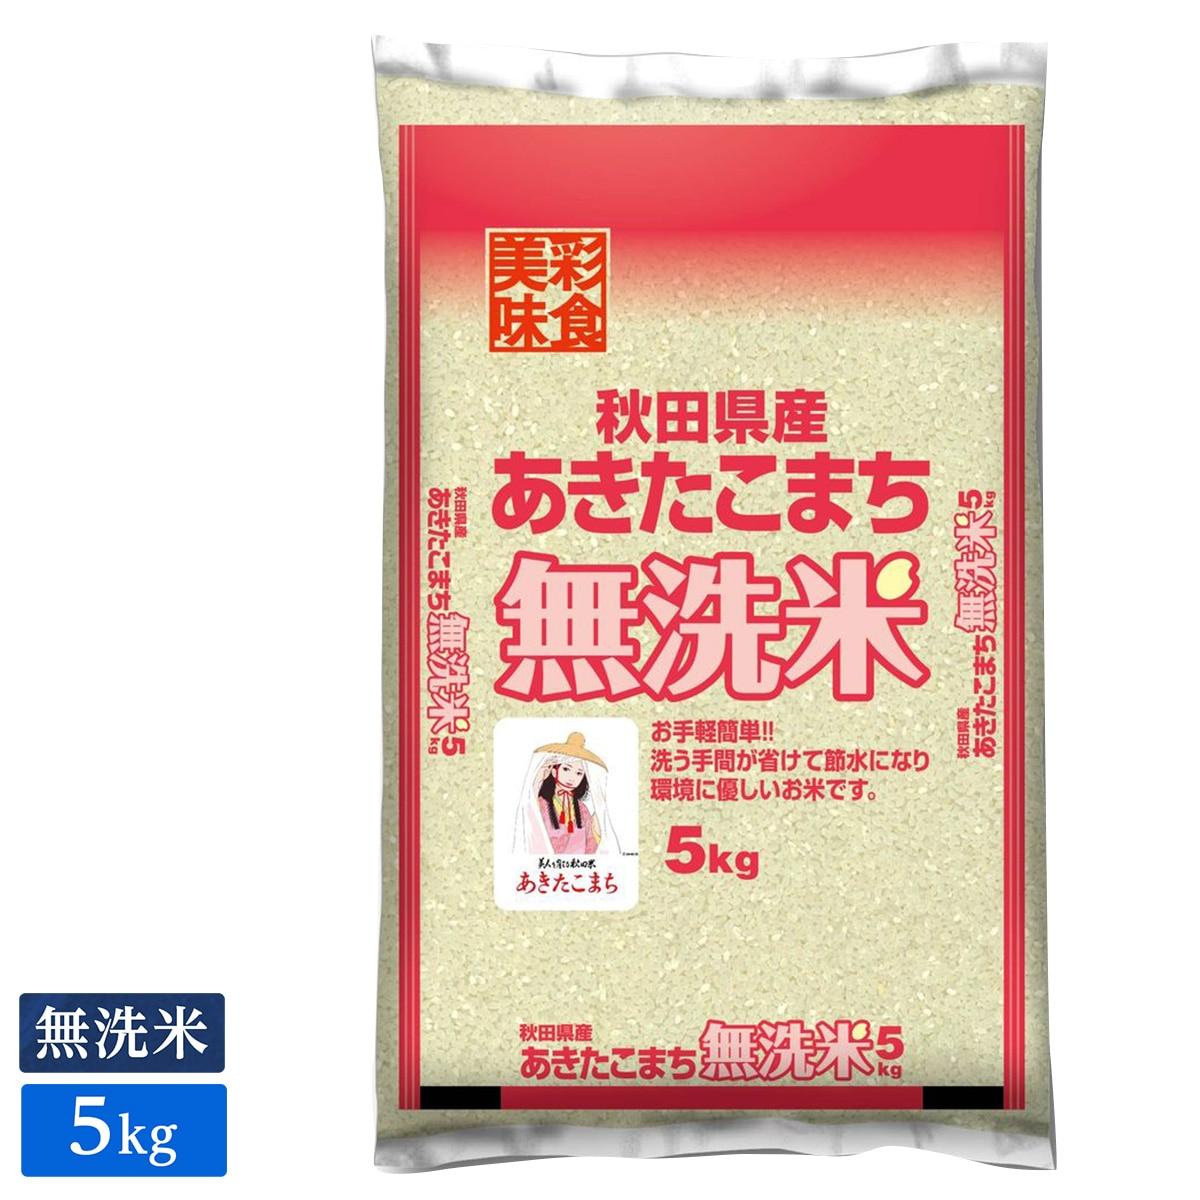 むらせ ■【精米】【無洗米】秋田県産あきたこまち 5kg 21945